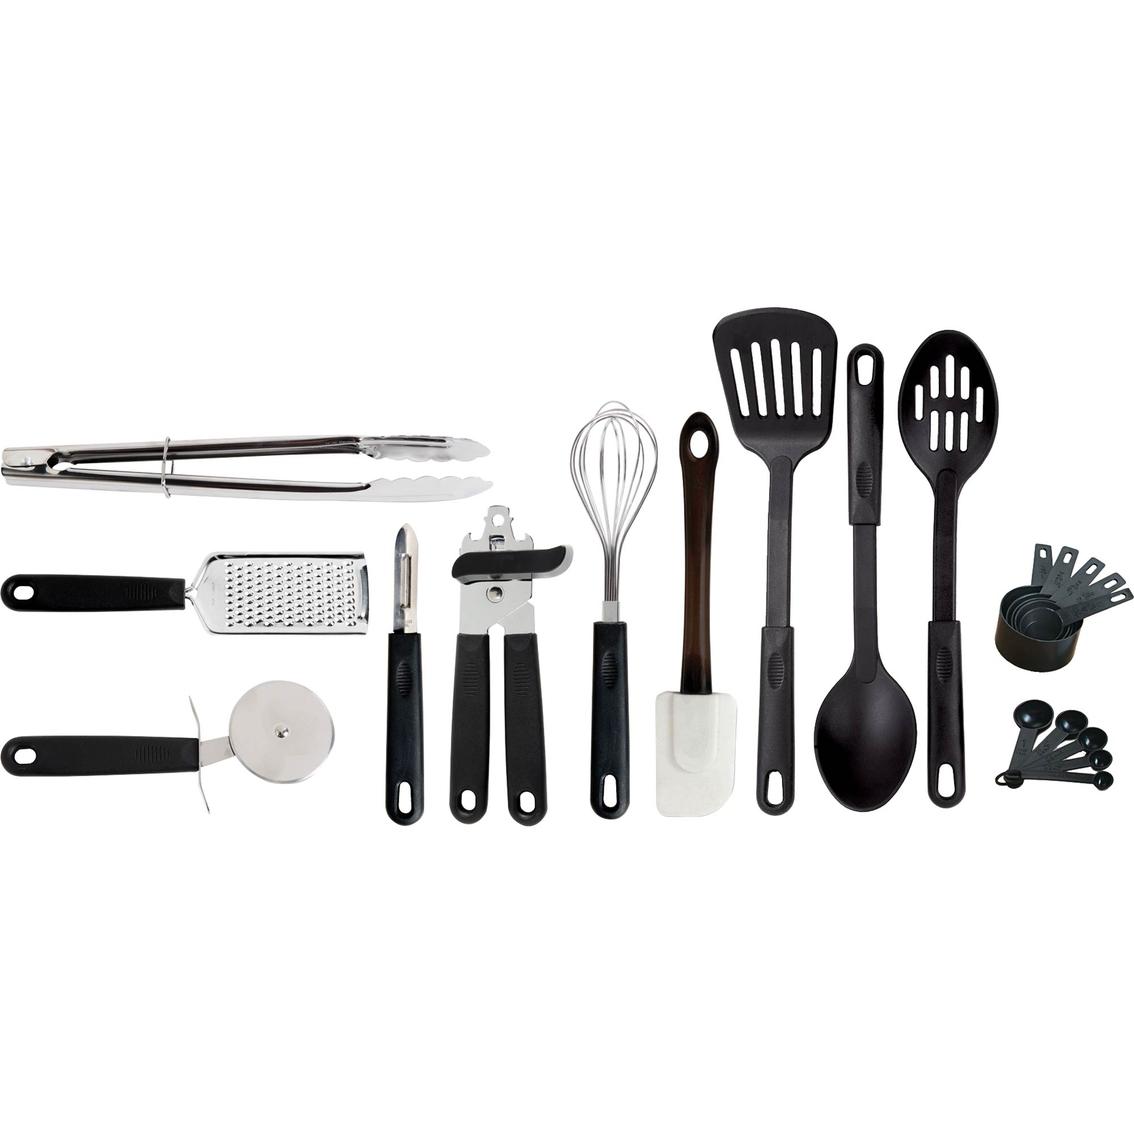 Gibson Total Kitchen Pc Set